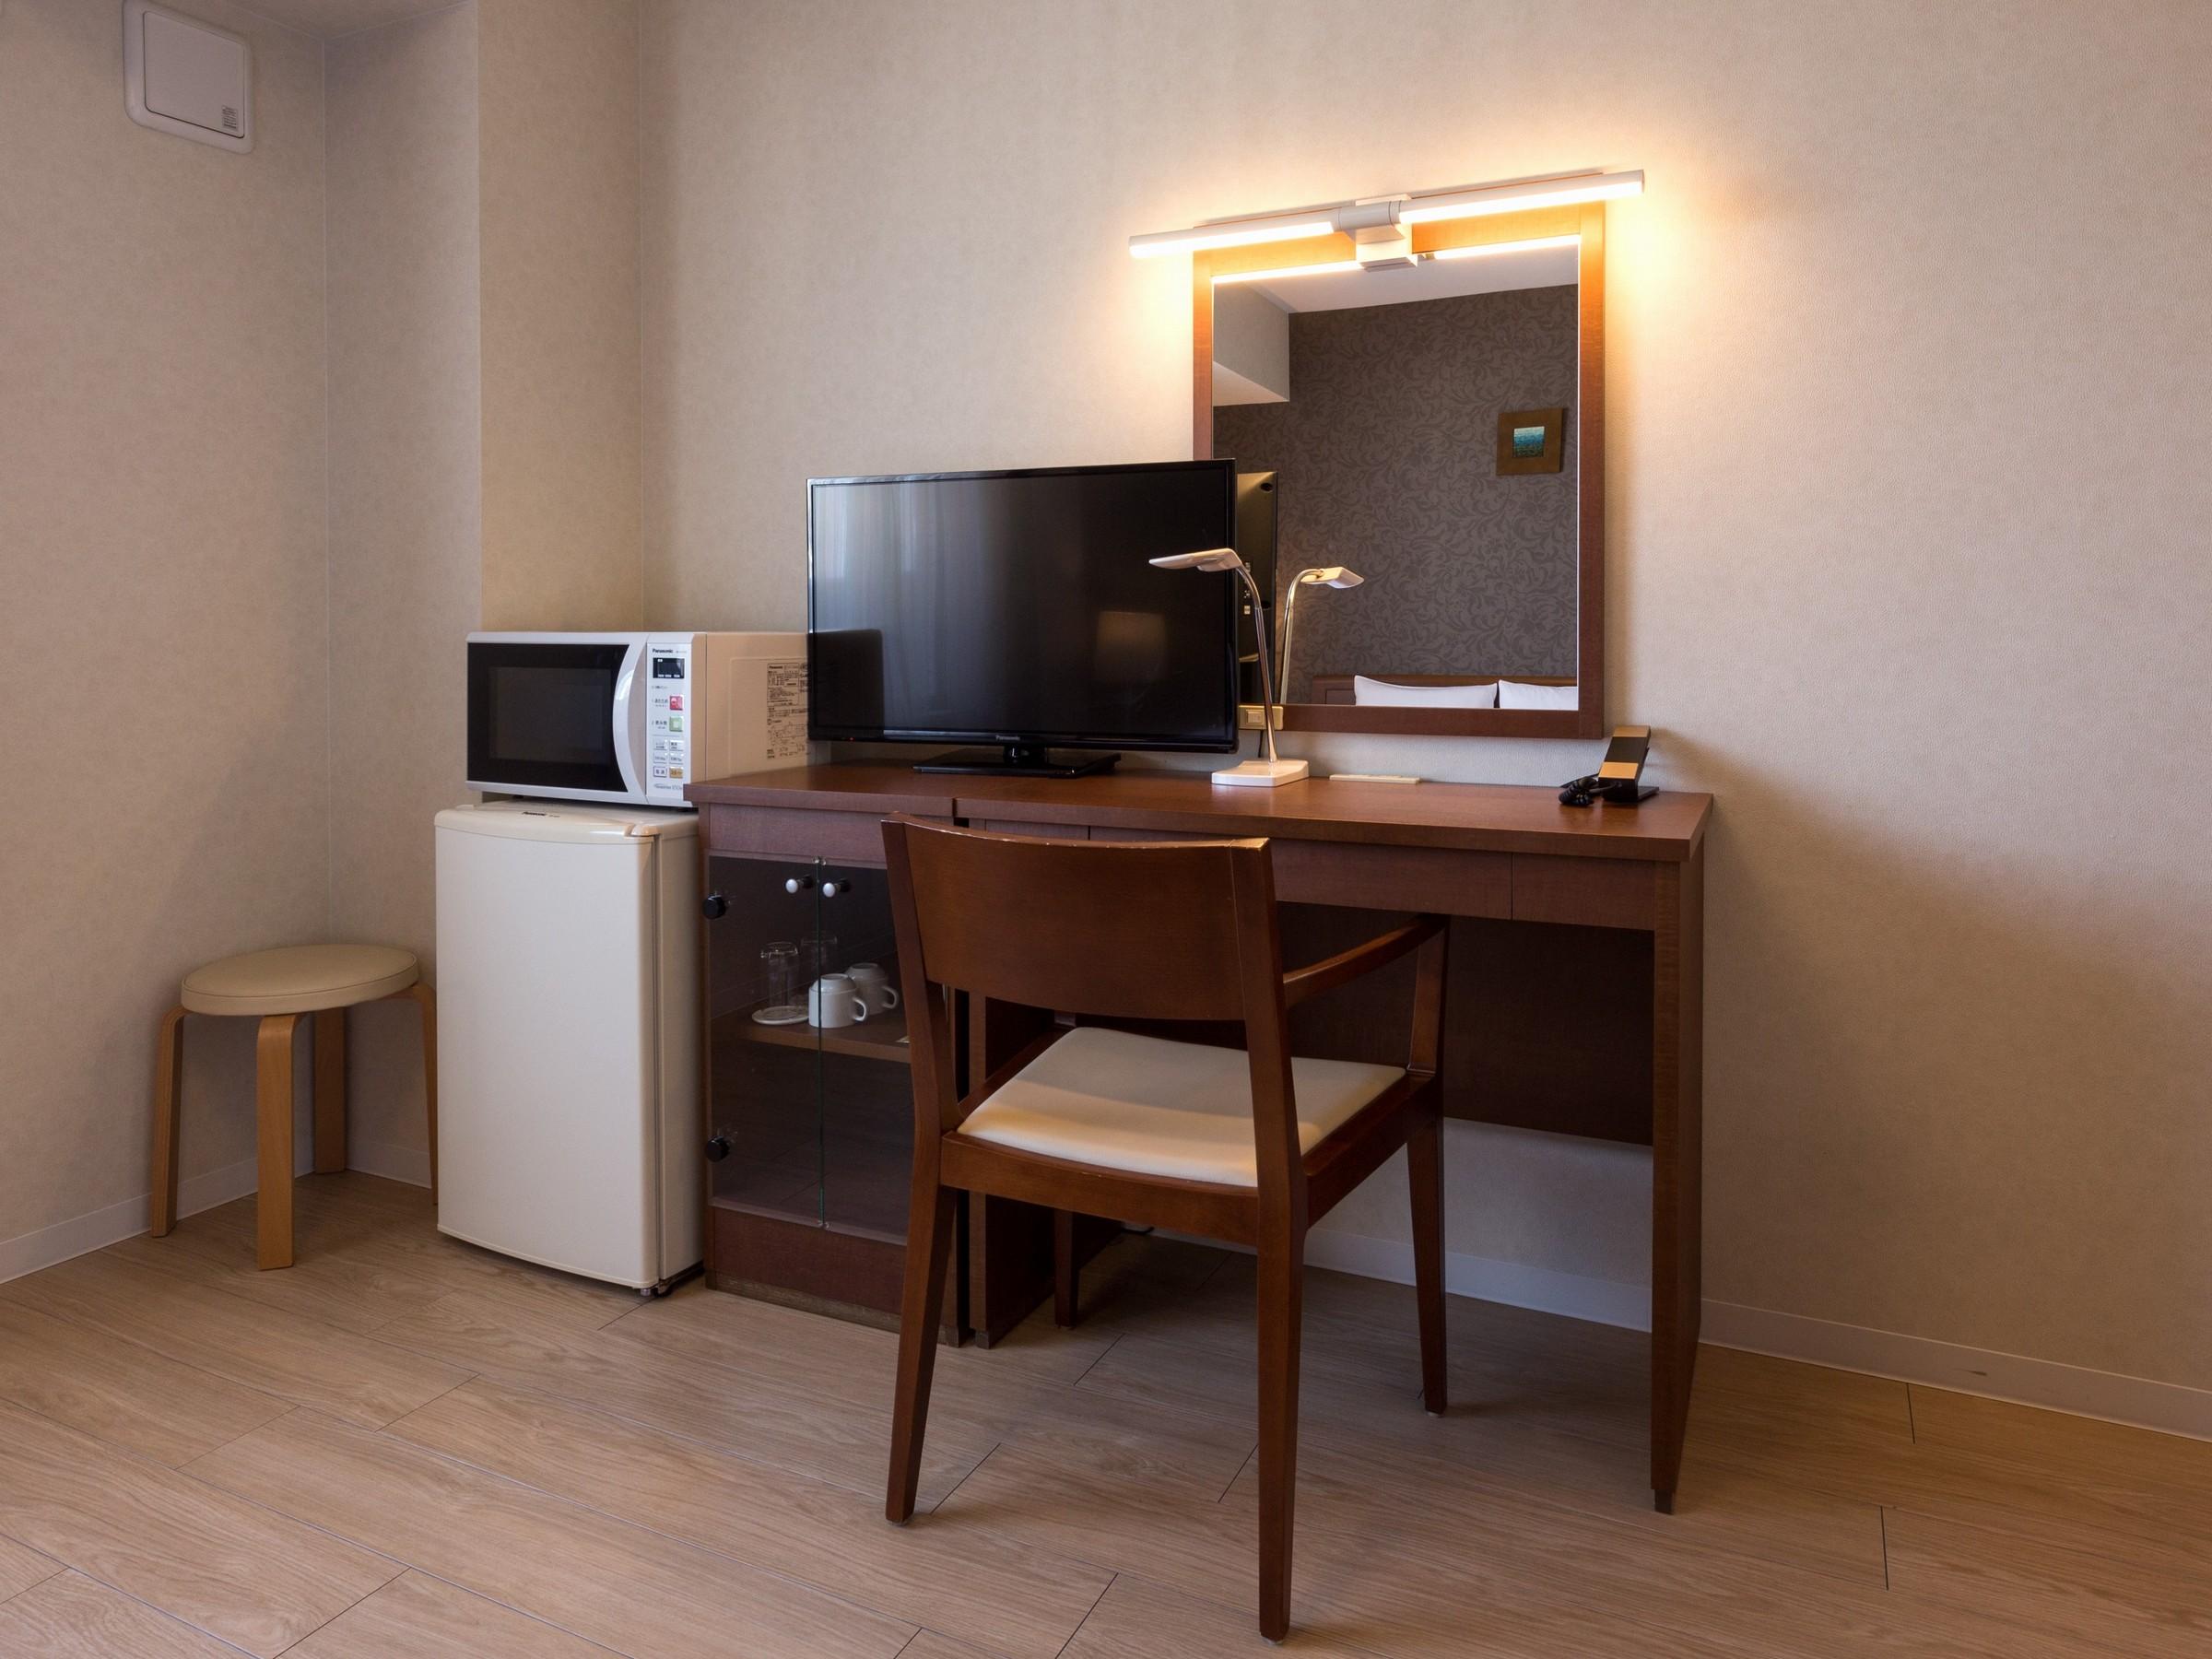 ホテル博多プレイス / 【10階】【ベッド幅150】■デラックスシングルルーム25㎡:1名利用(喫煙)